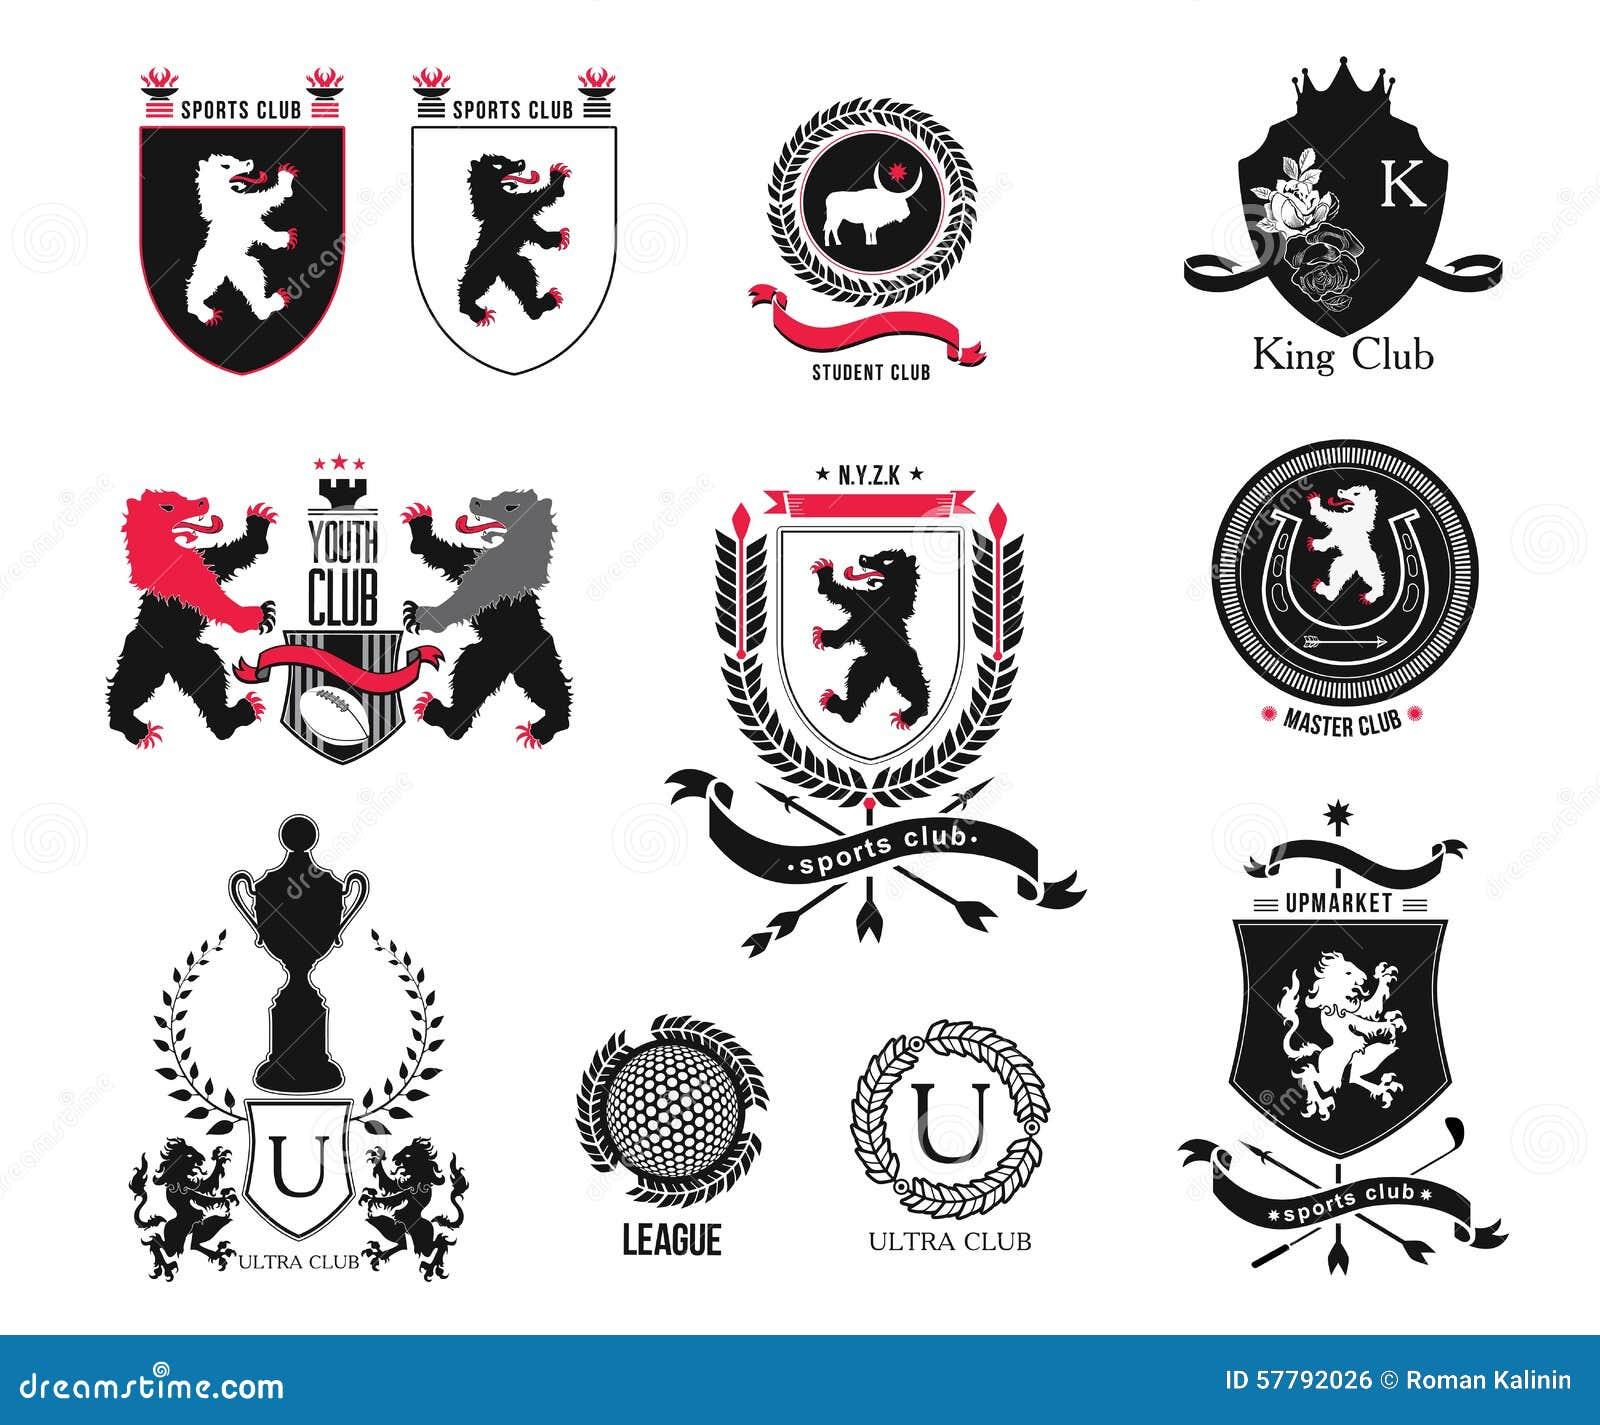 Placez la marque club de sports club dtudiant bouclier royal placez la marque club de sports club dtudiant bouclier royal hraldiques htel scurit pleine collection de logo de vecteur et lments de thecheapjerseys Images